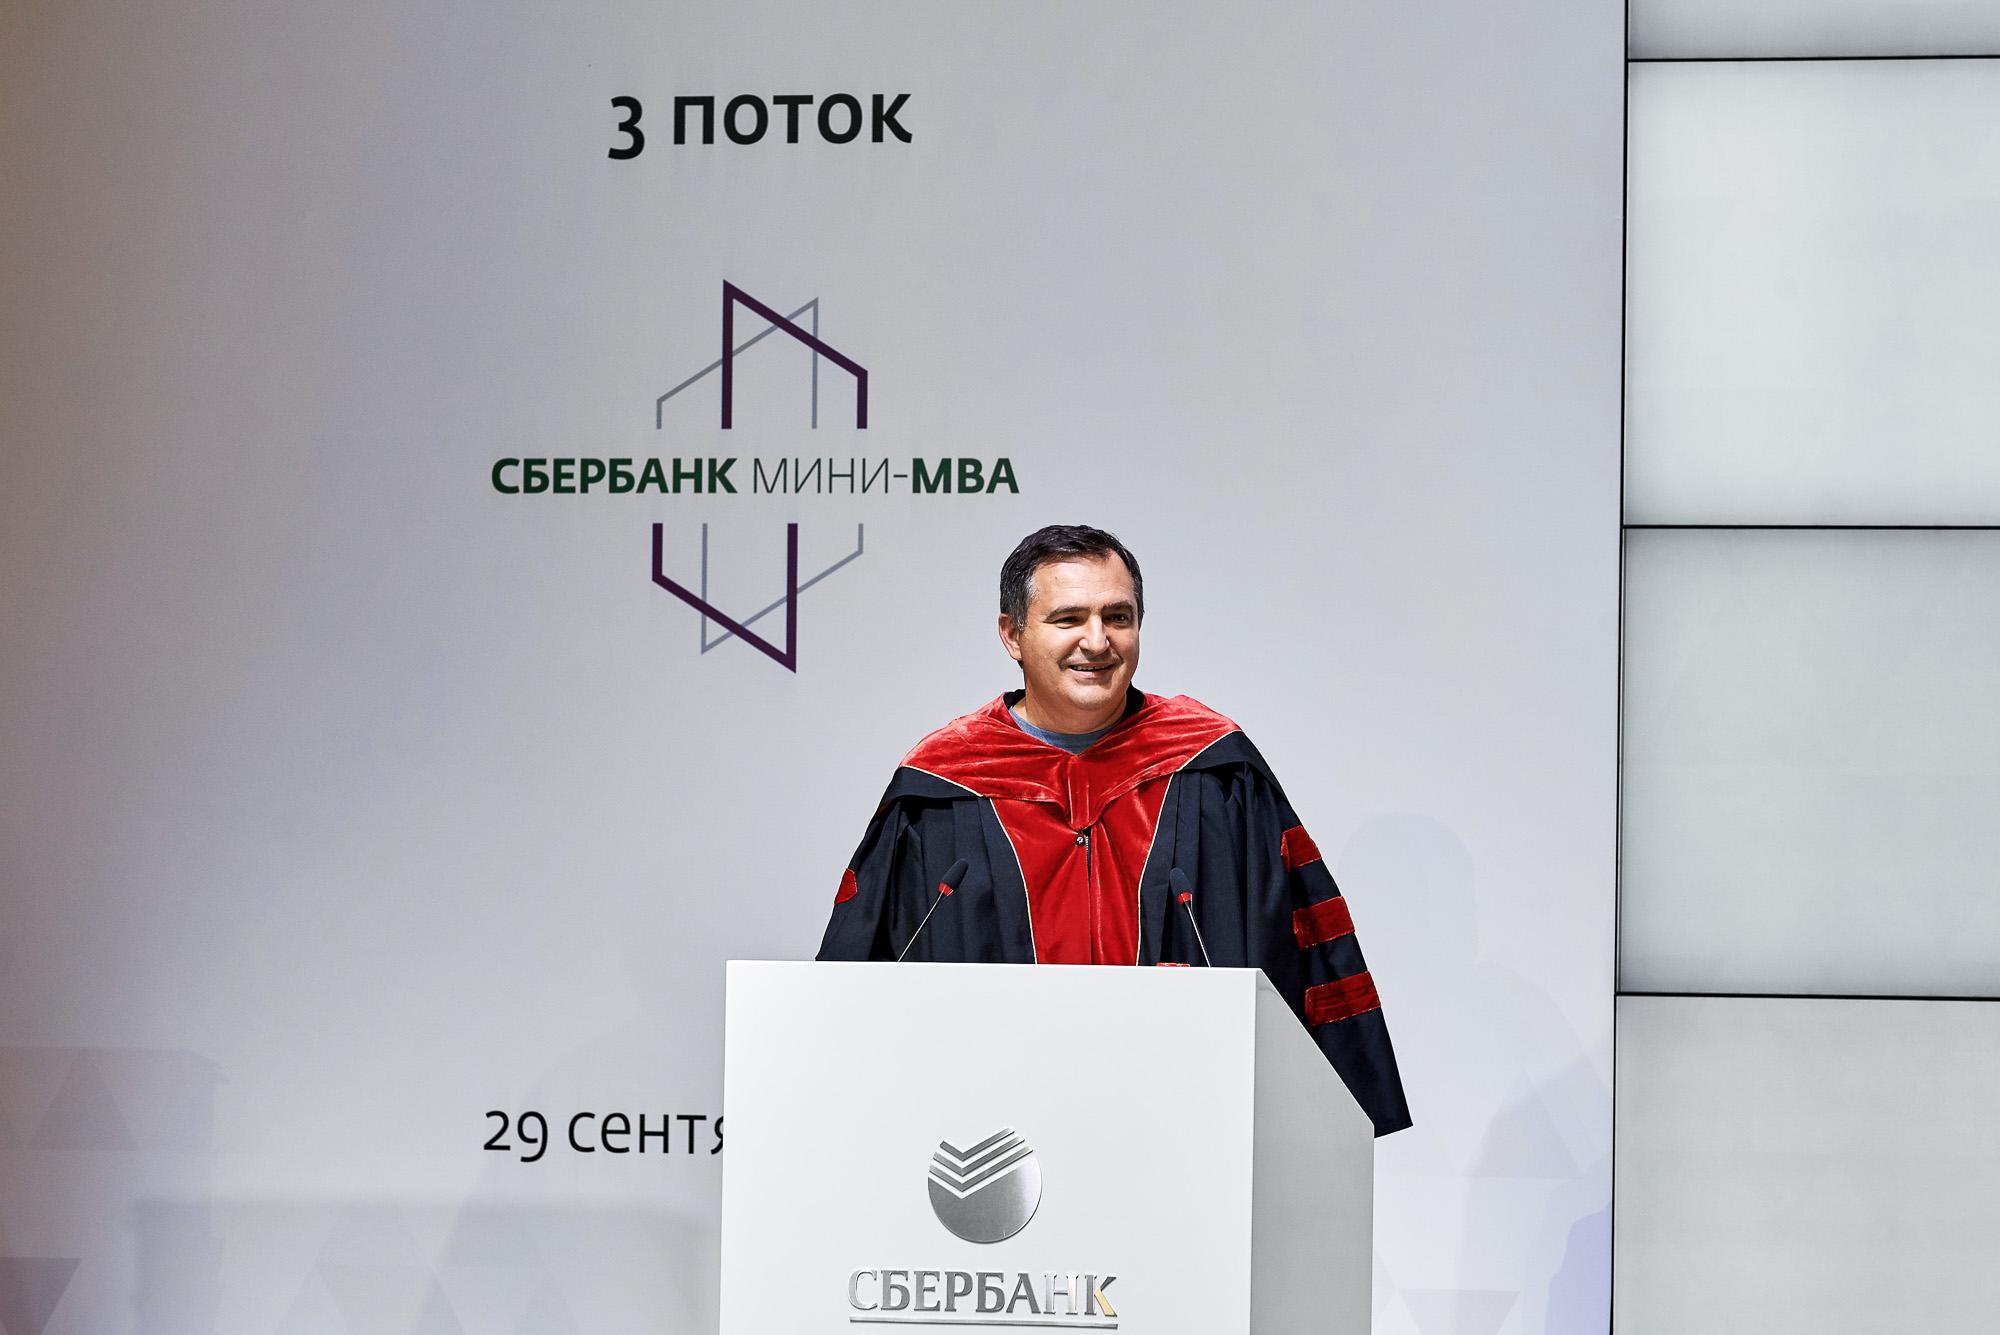 2017 09 29 MBA Лепехин 323